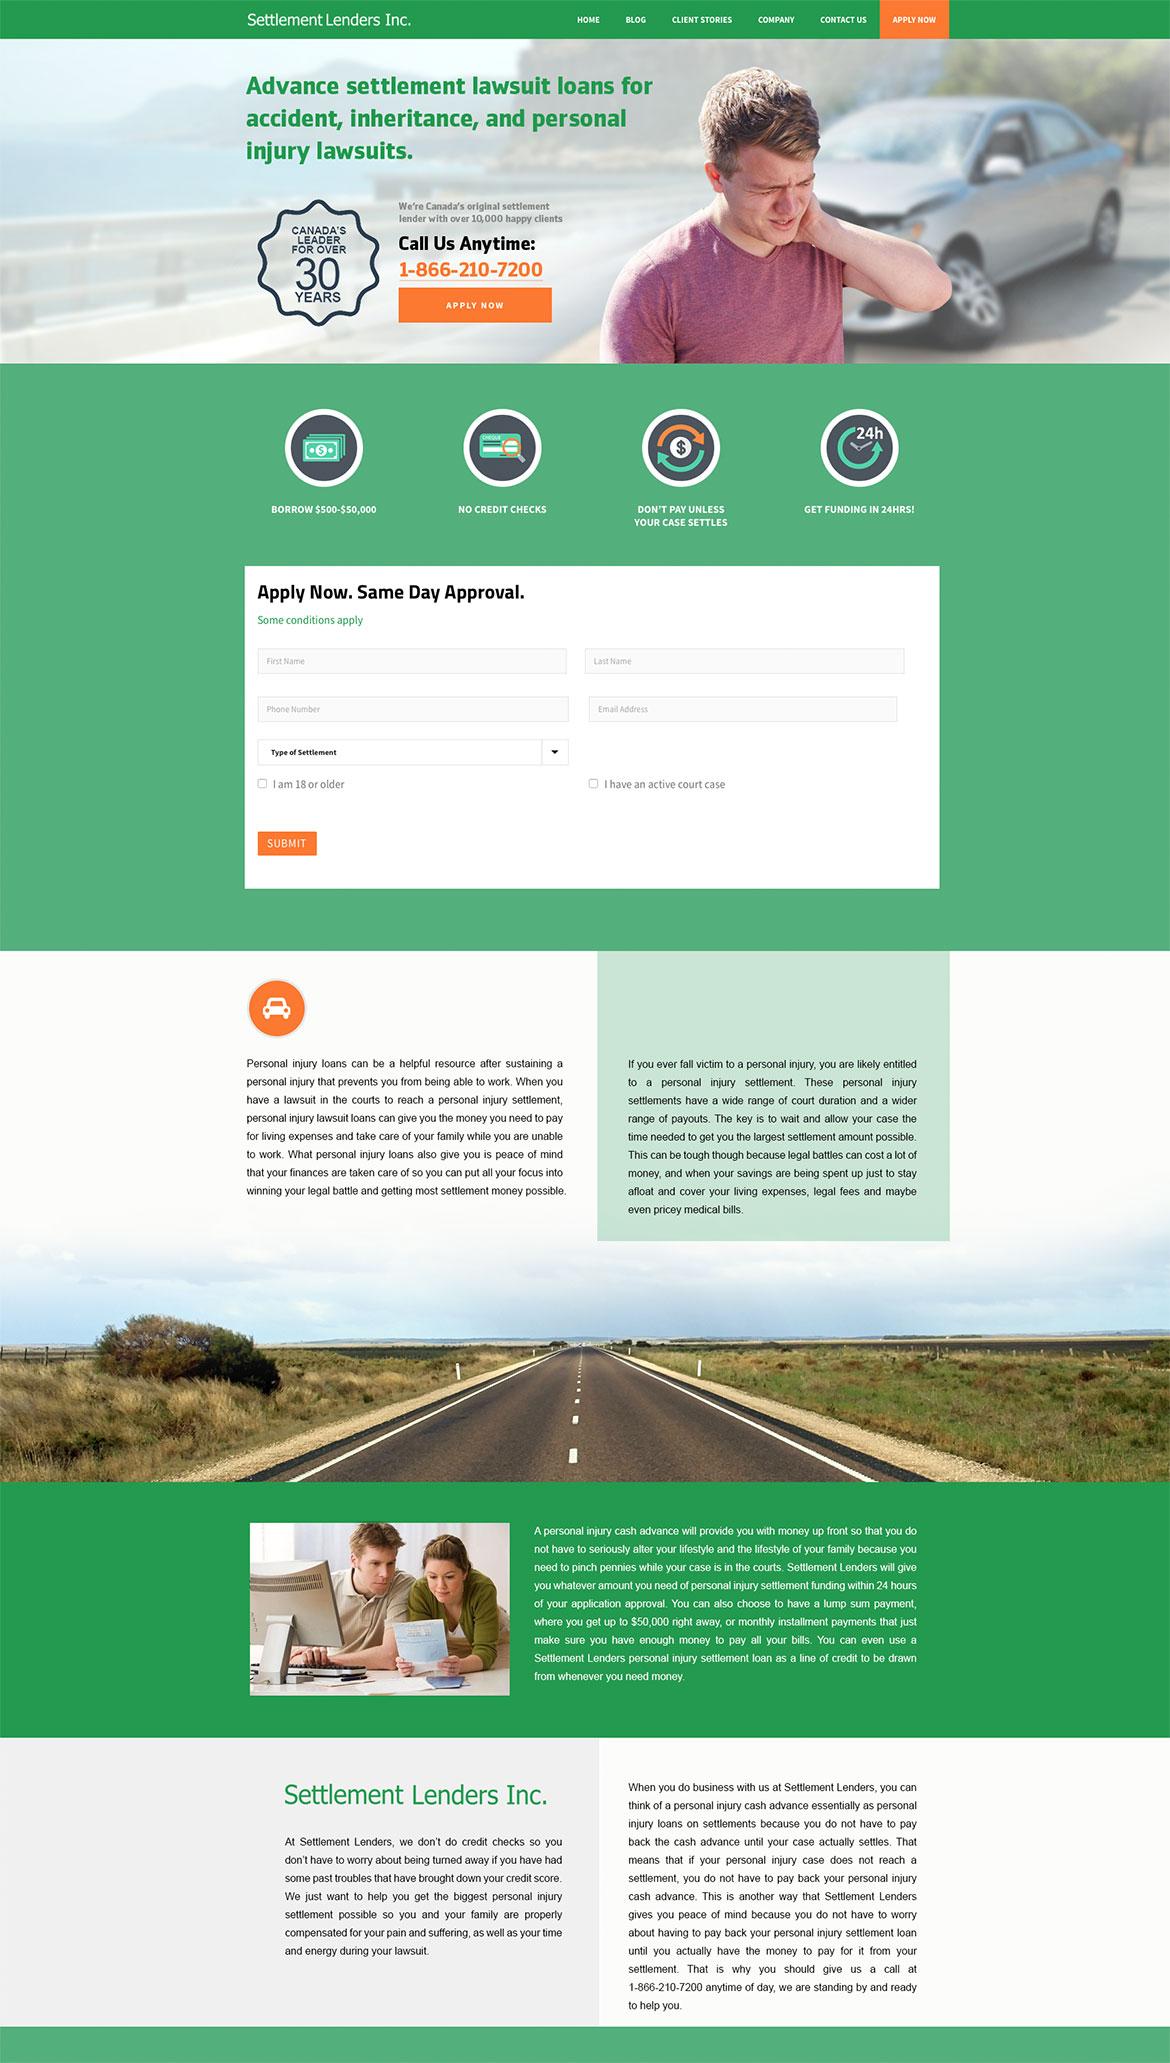 Settlement Lenders - Landing Page Design